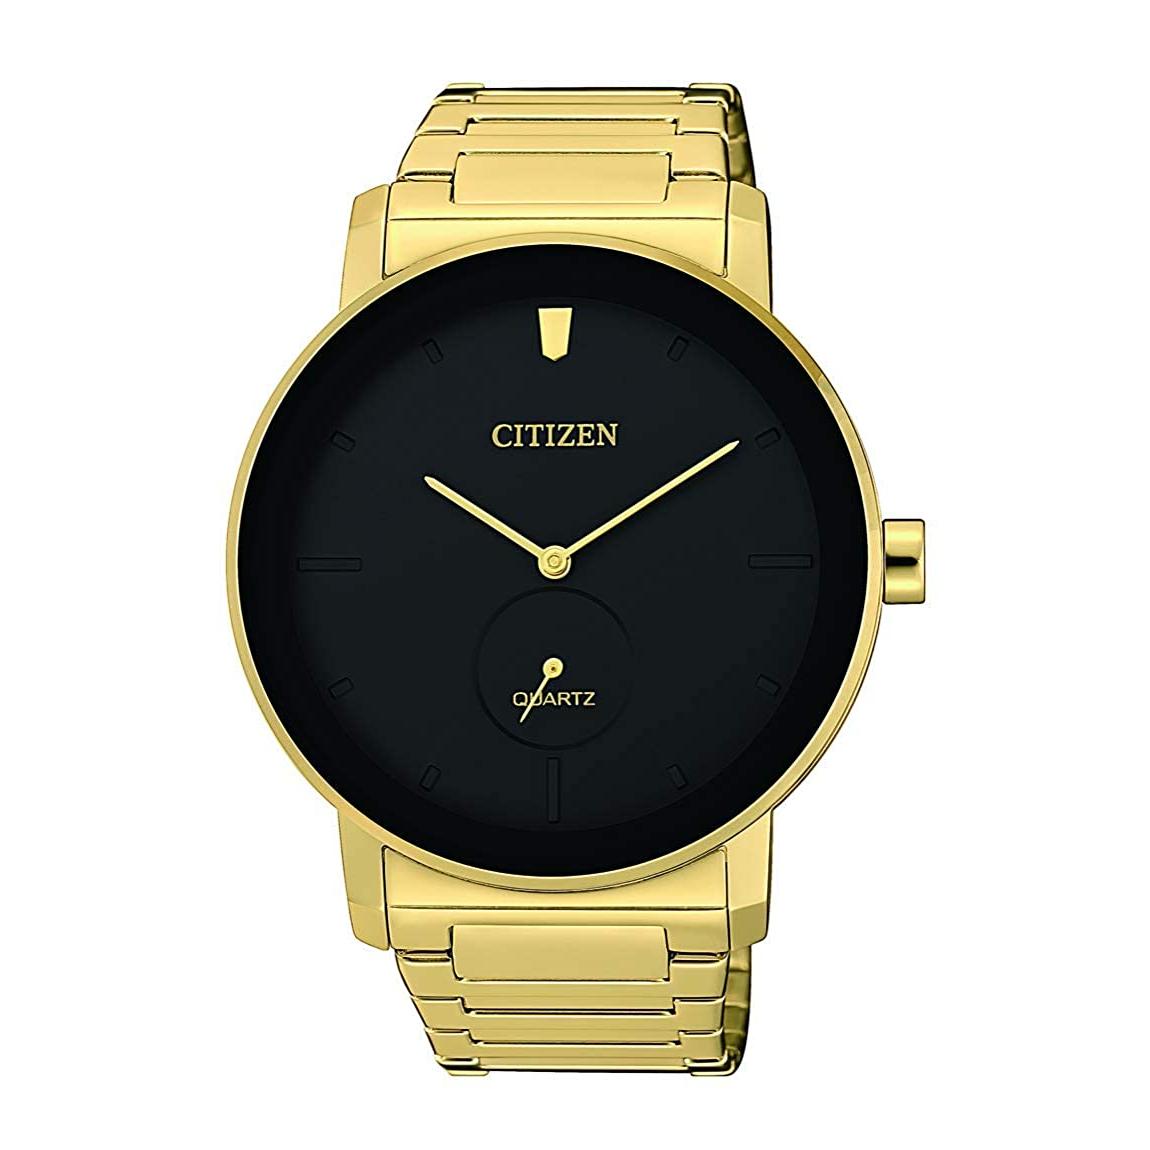 قیمت و خرید                      ساعت مچی عقربه ای مردانه سیتی زن کد BE9182-57E